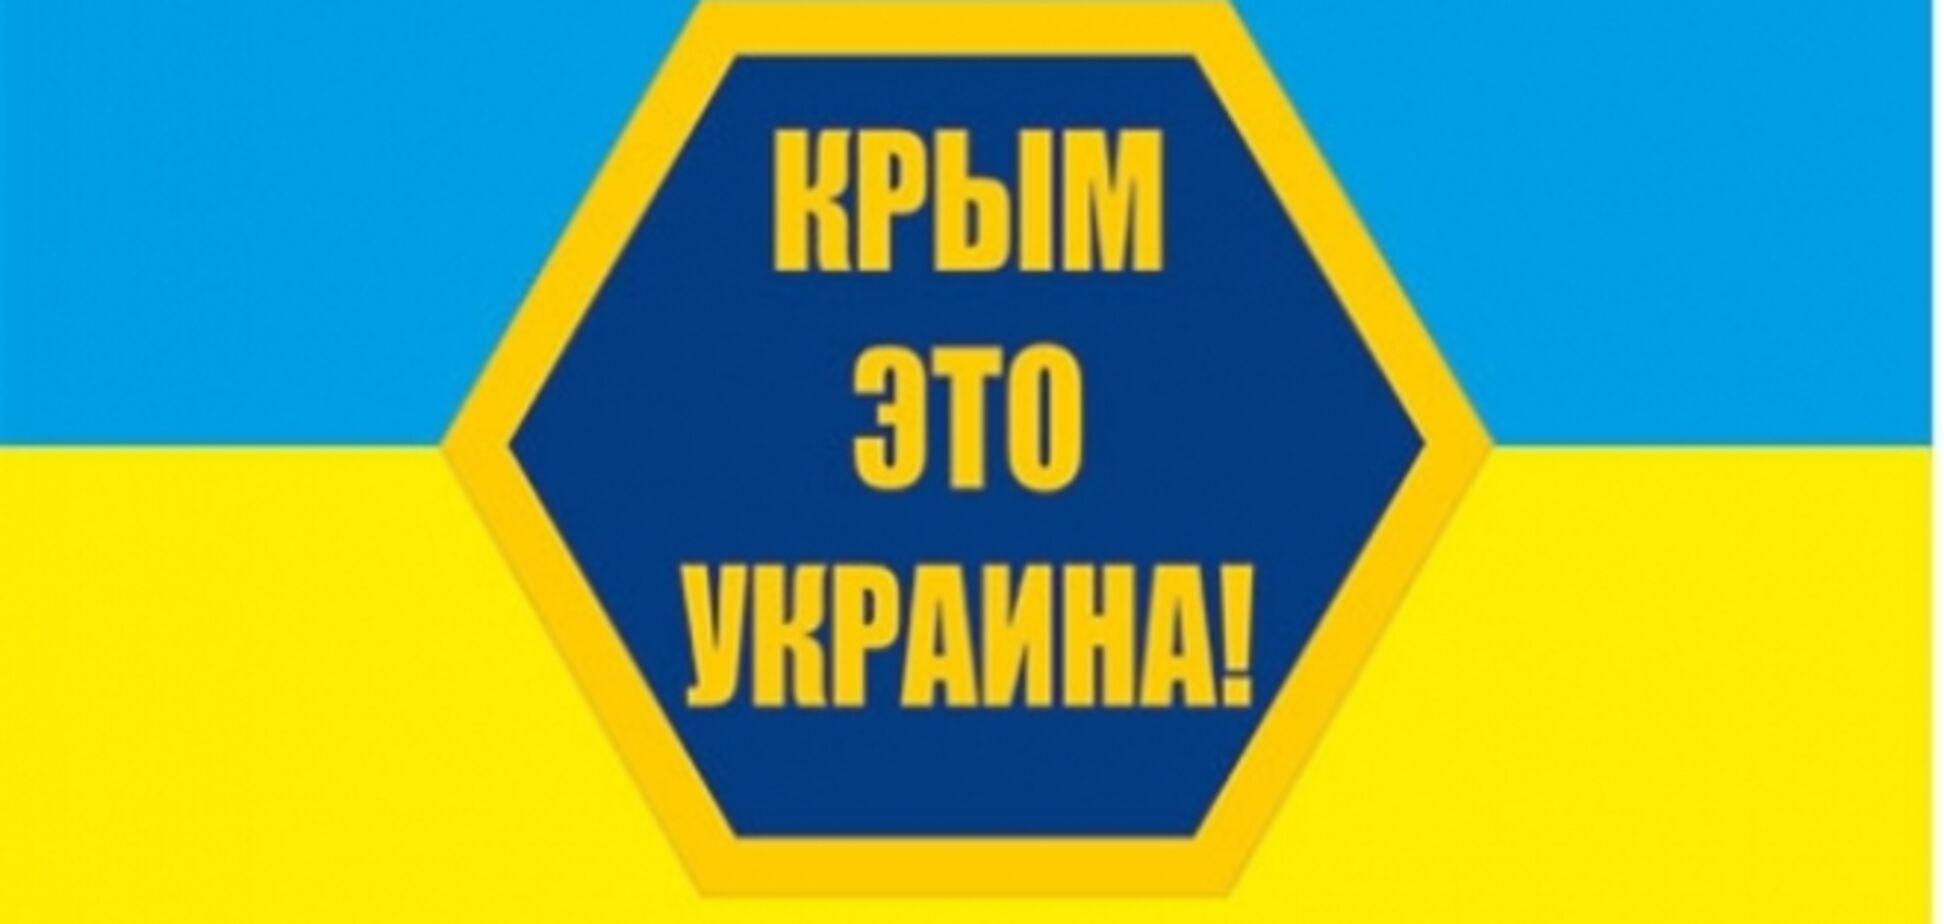 Пейзажи украинского Крыма могут украсить купюру в 10 тыс. российских рублей